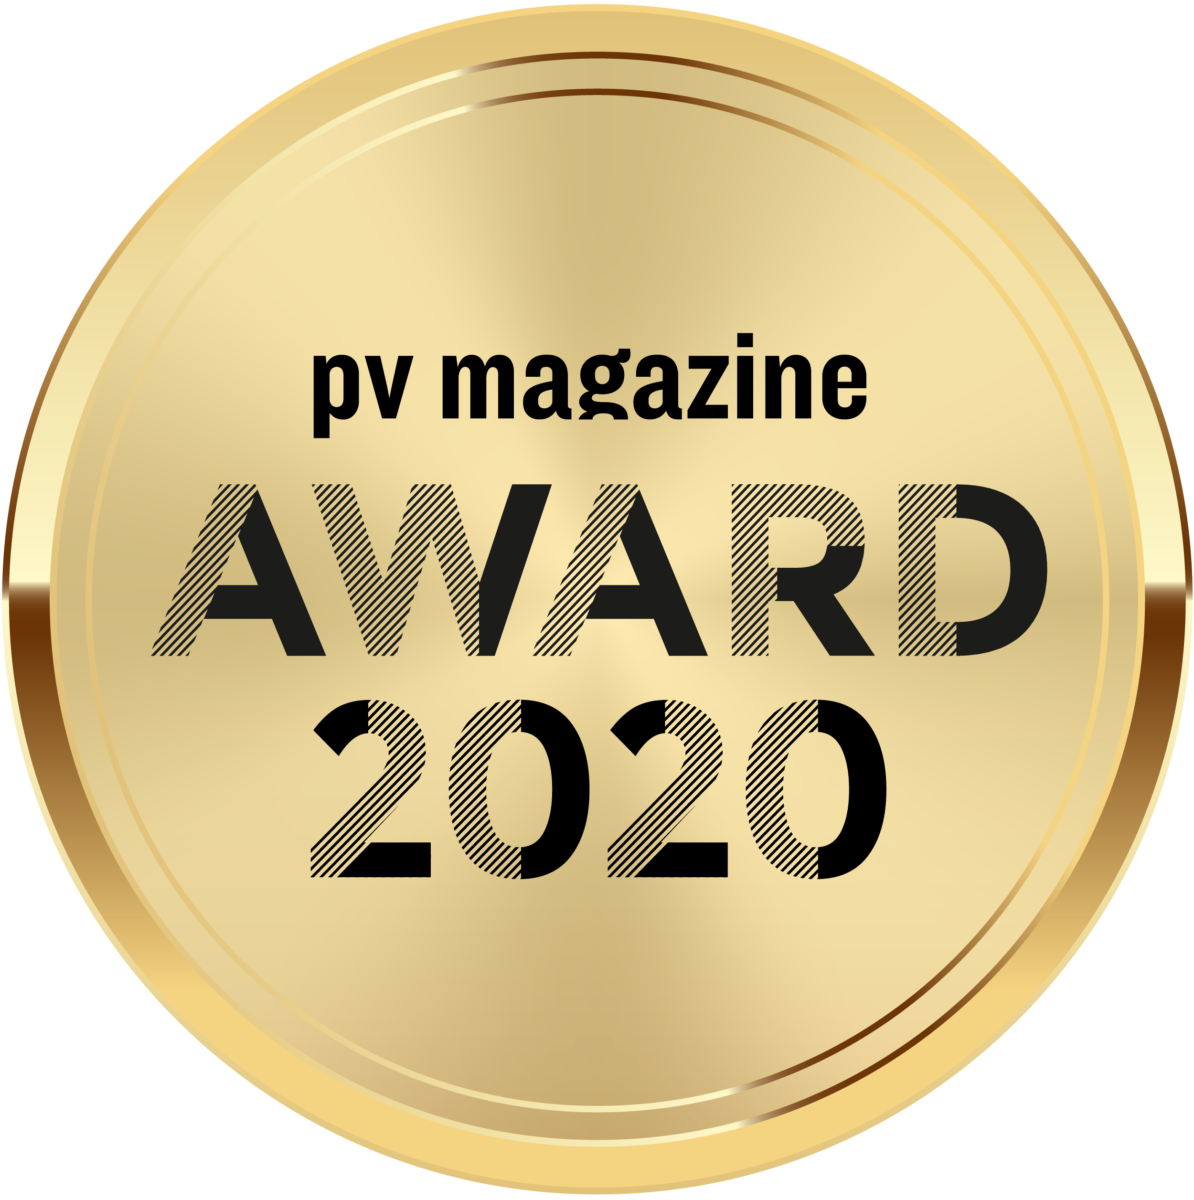 Image PV Magazine award winnaars 2020